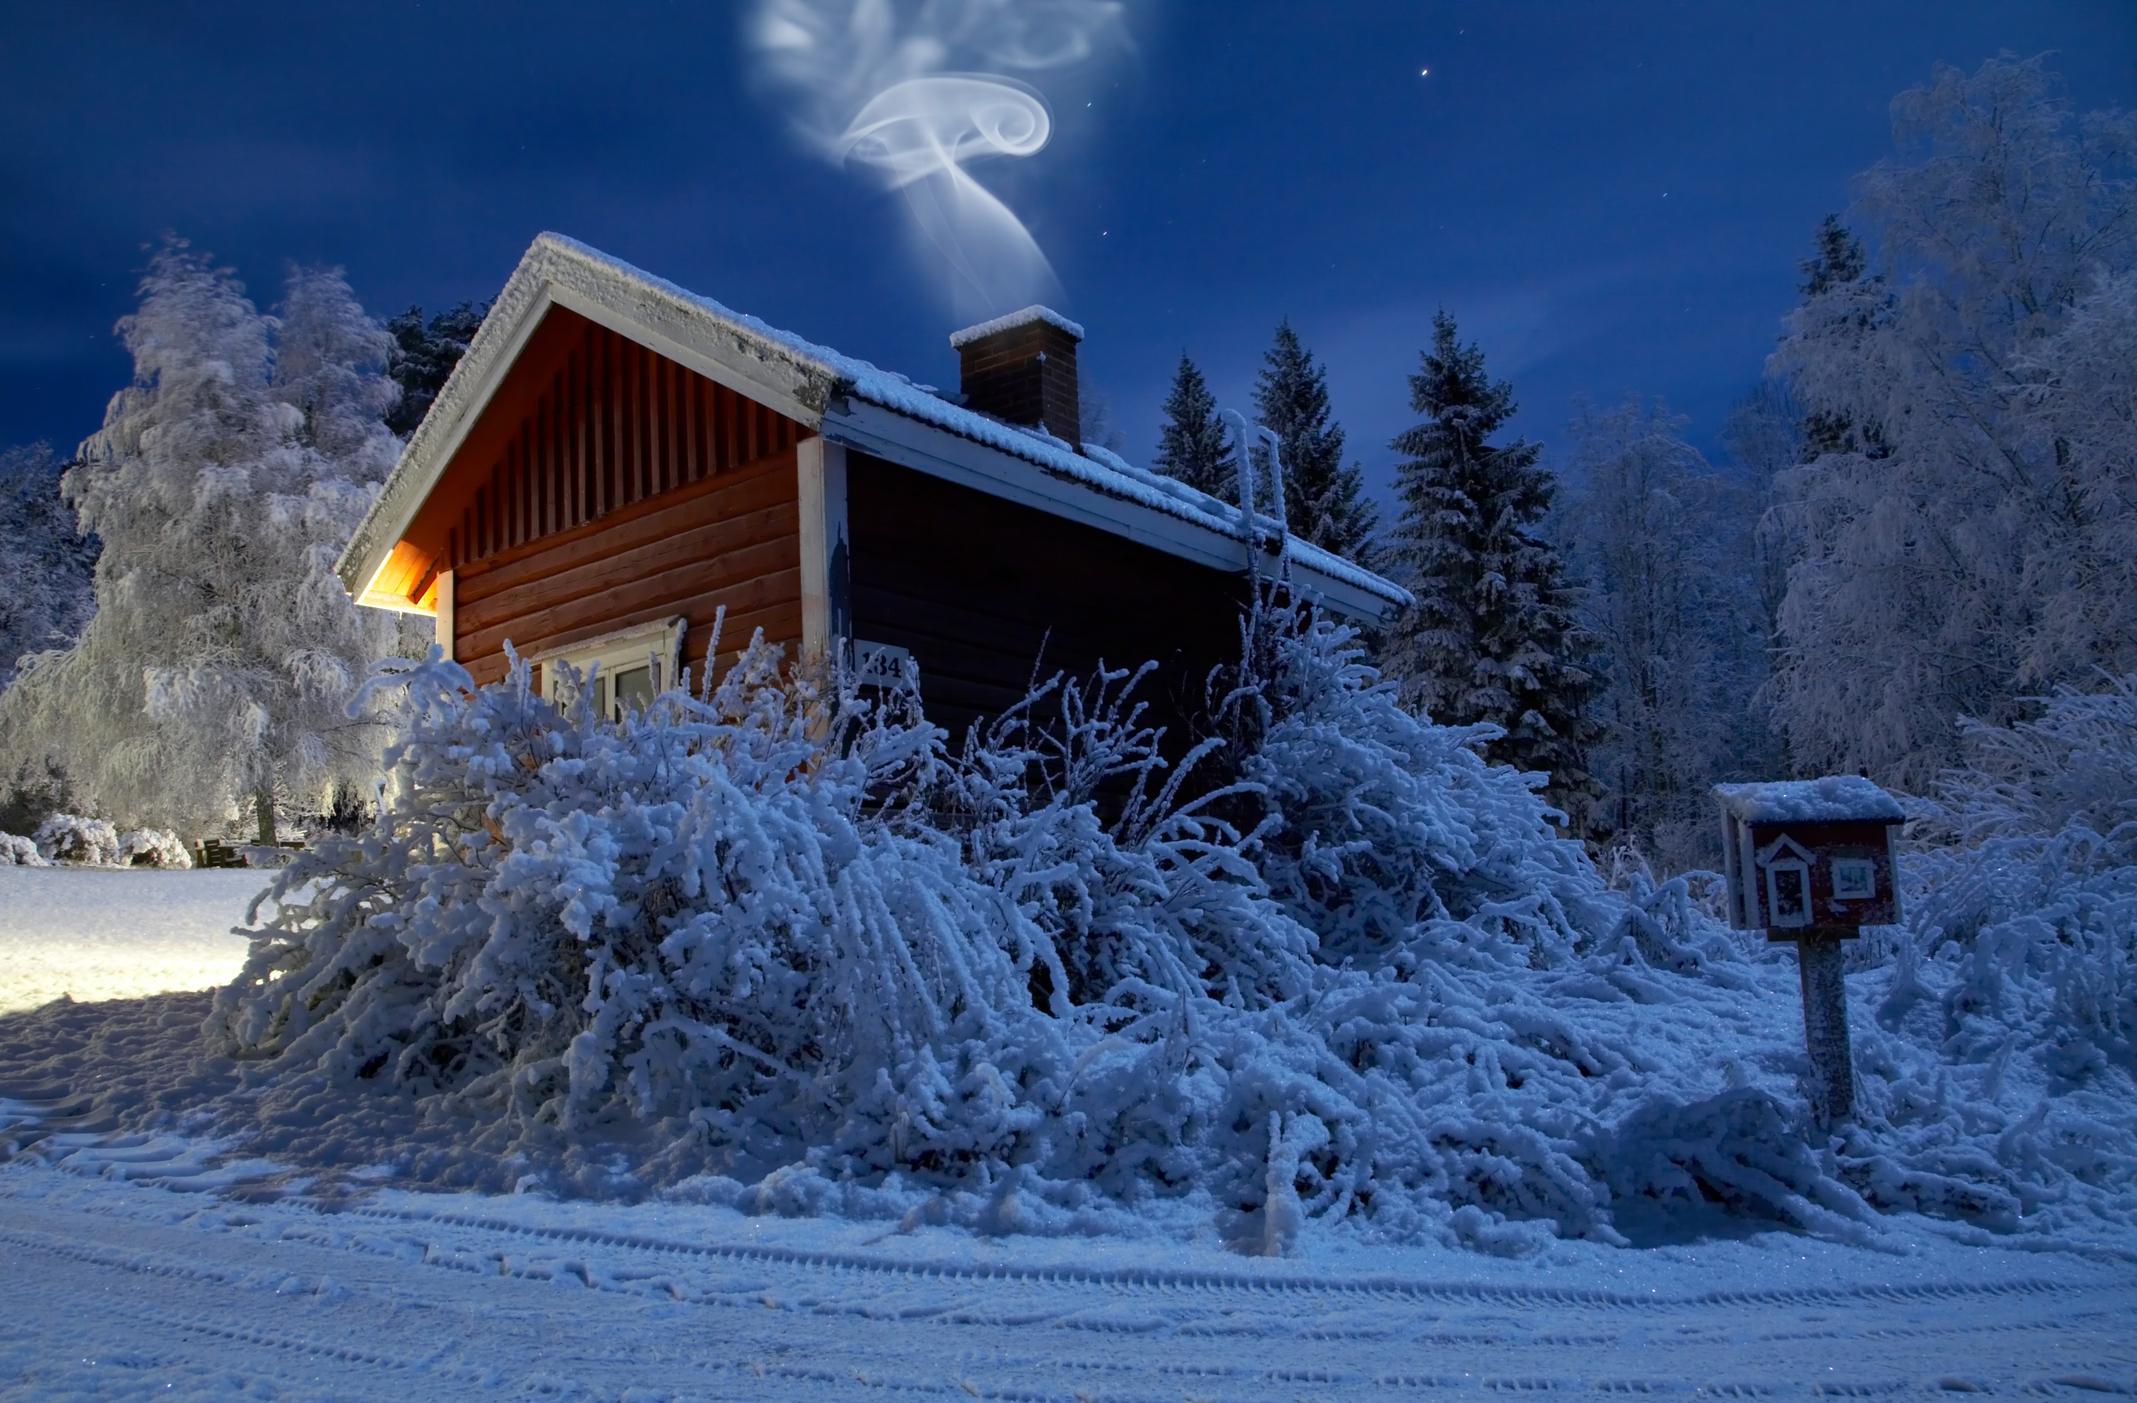 Sumergirse en una sauna finlandesa - Finlandia Circuito Laponia e Iso-Syöte